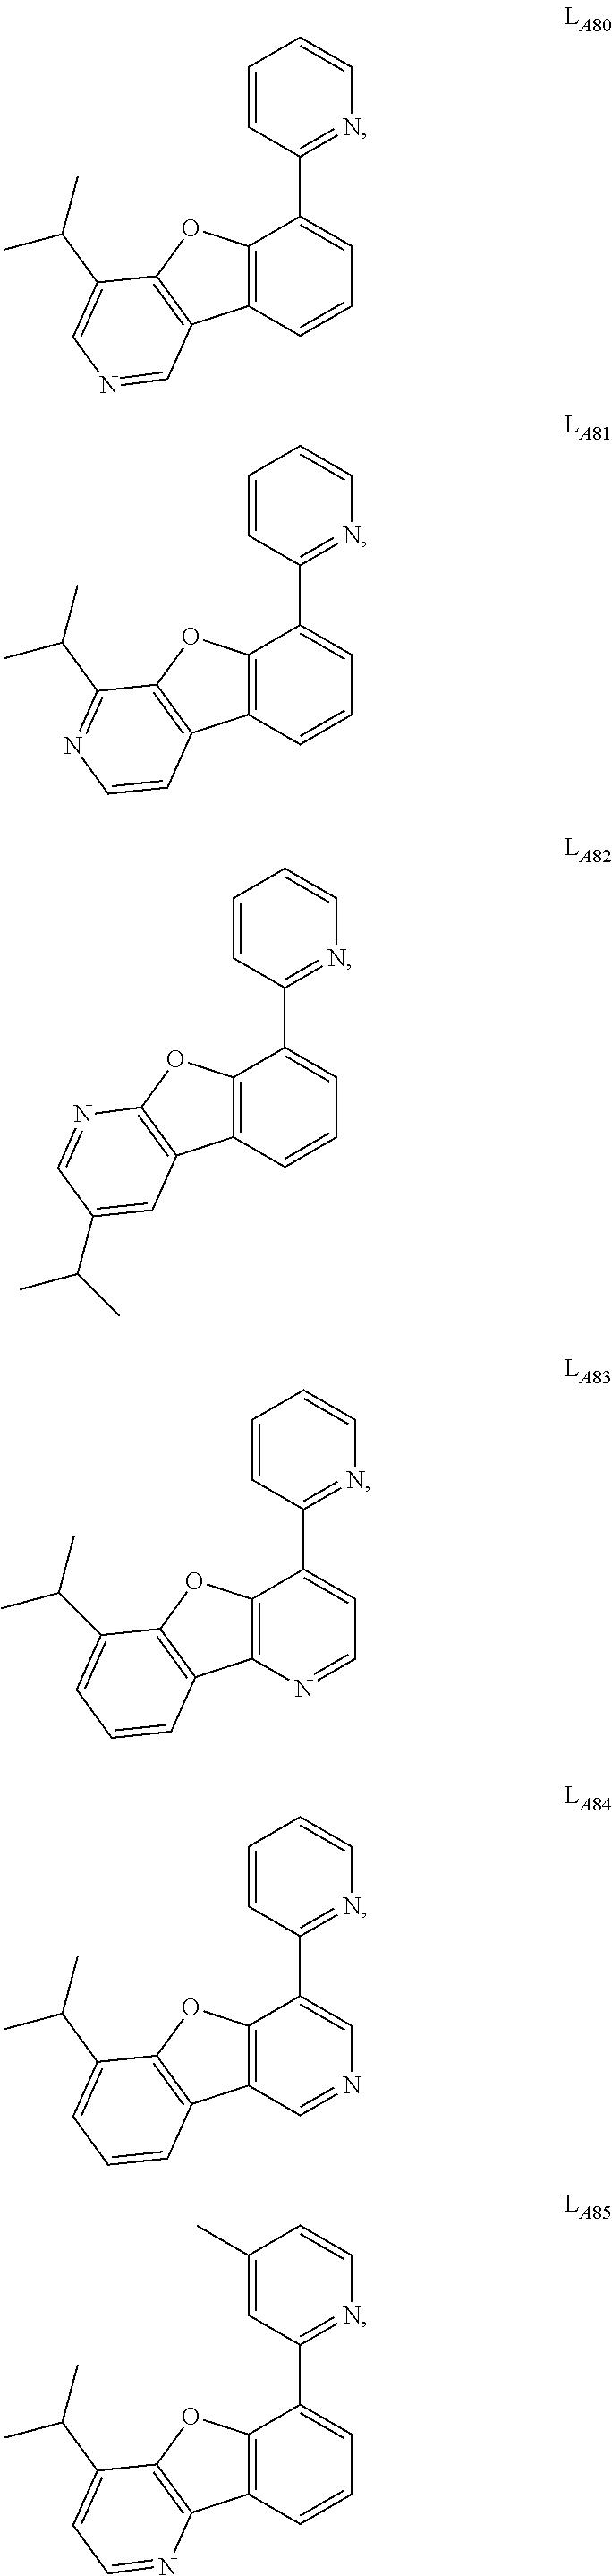 Figure US09634264-20170425-C00020